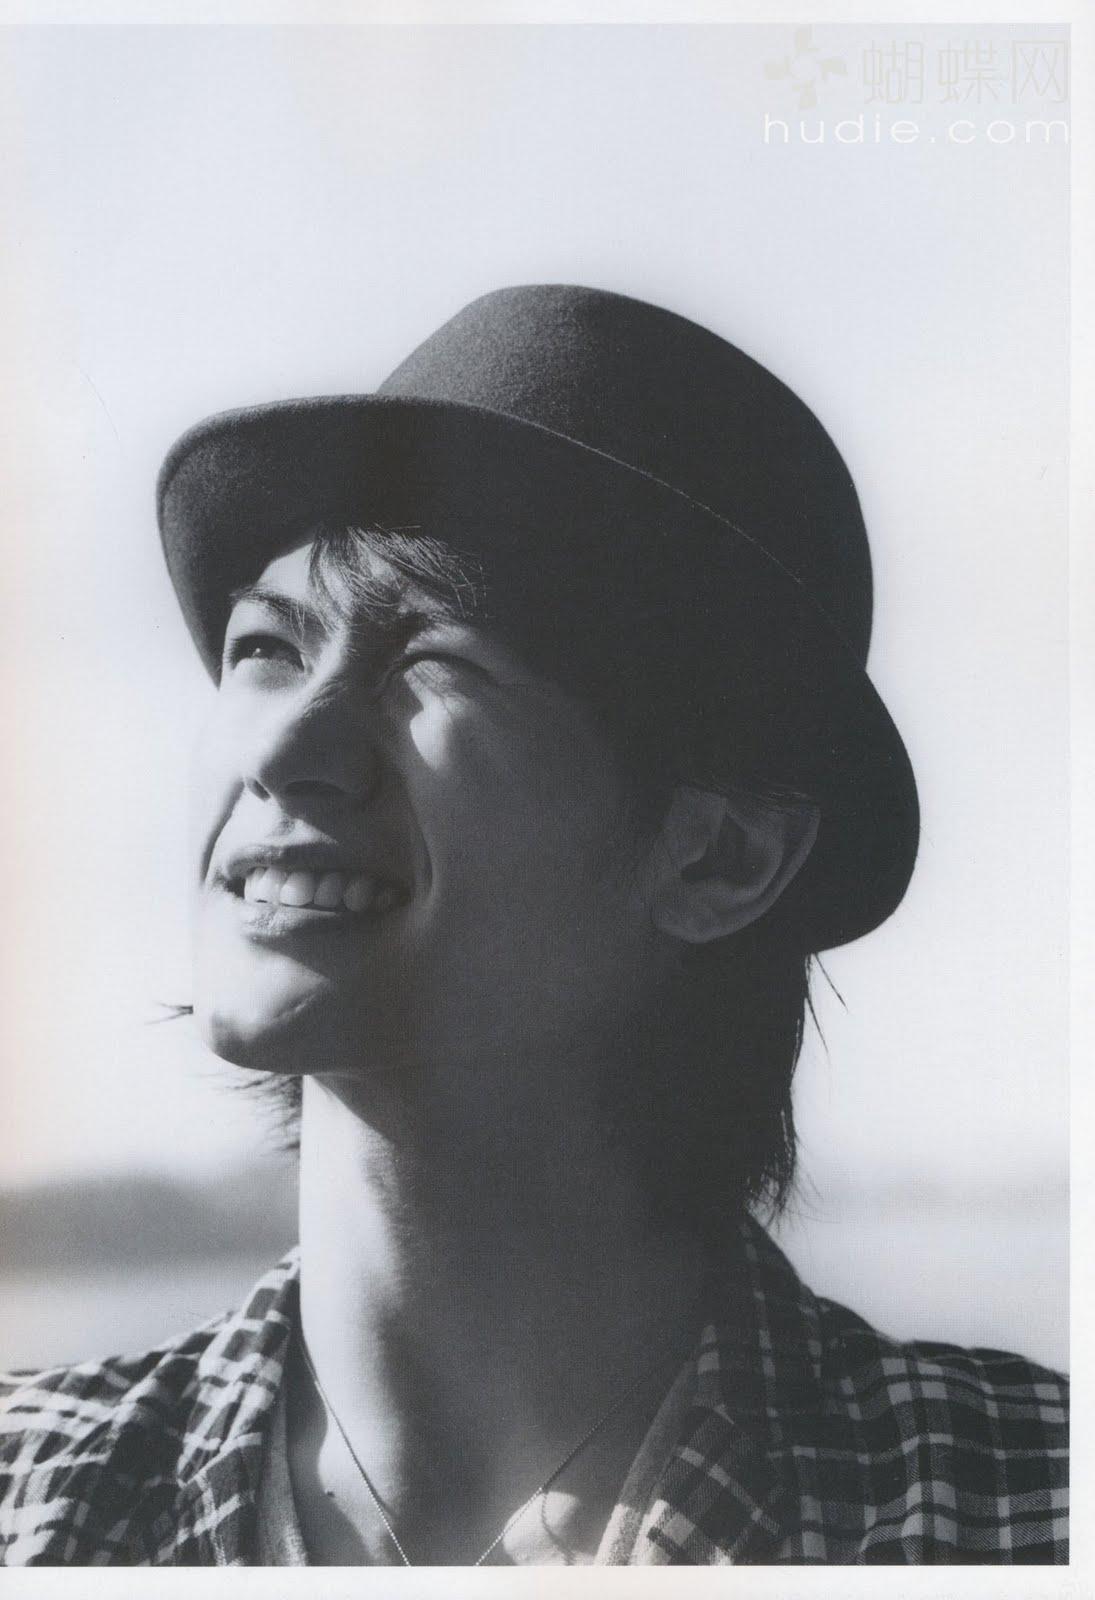 Miura Haruma 1+(94)